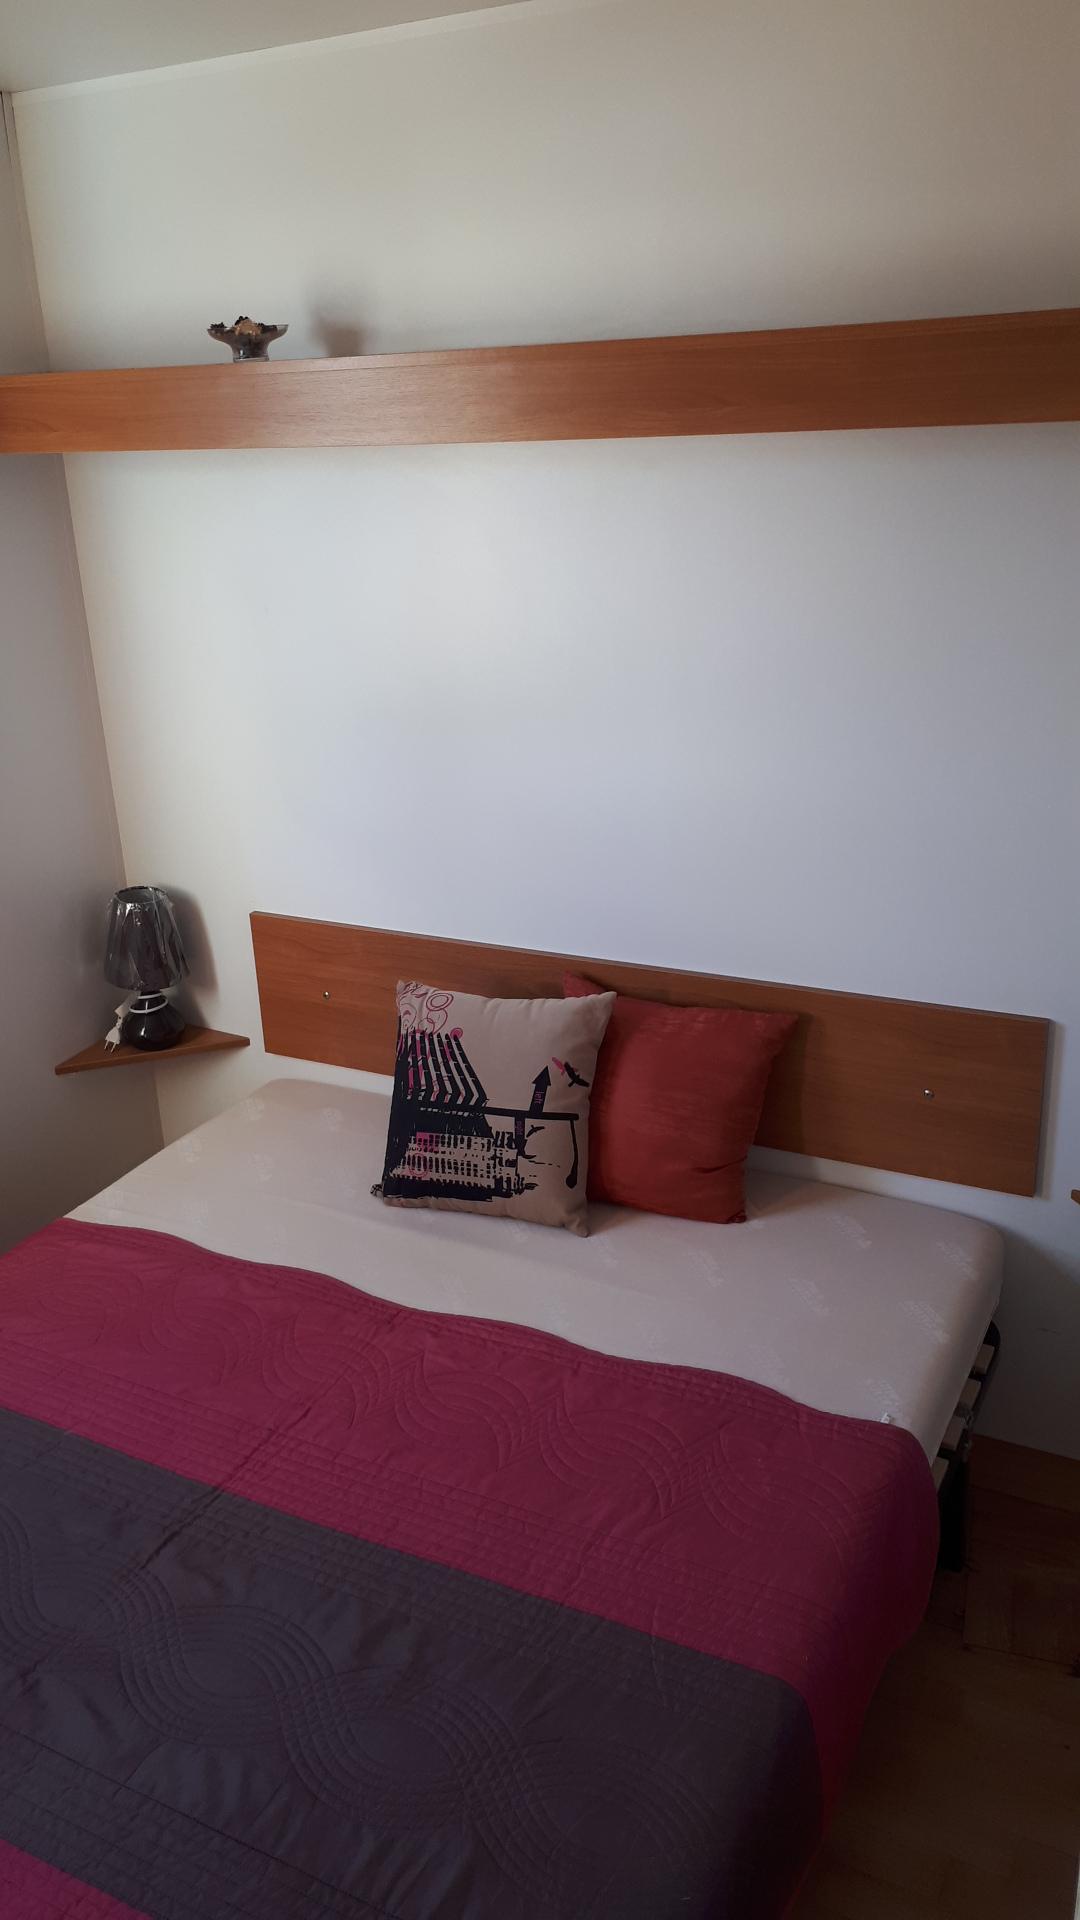 O'HARA – 2 Chambres – 8m50 x 3 – Toit 2 pentes – Climatisé